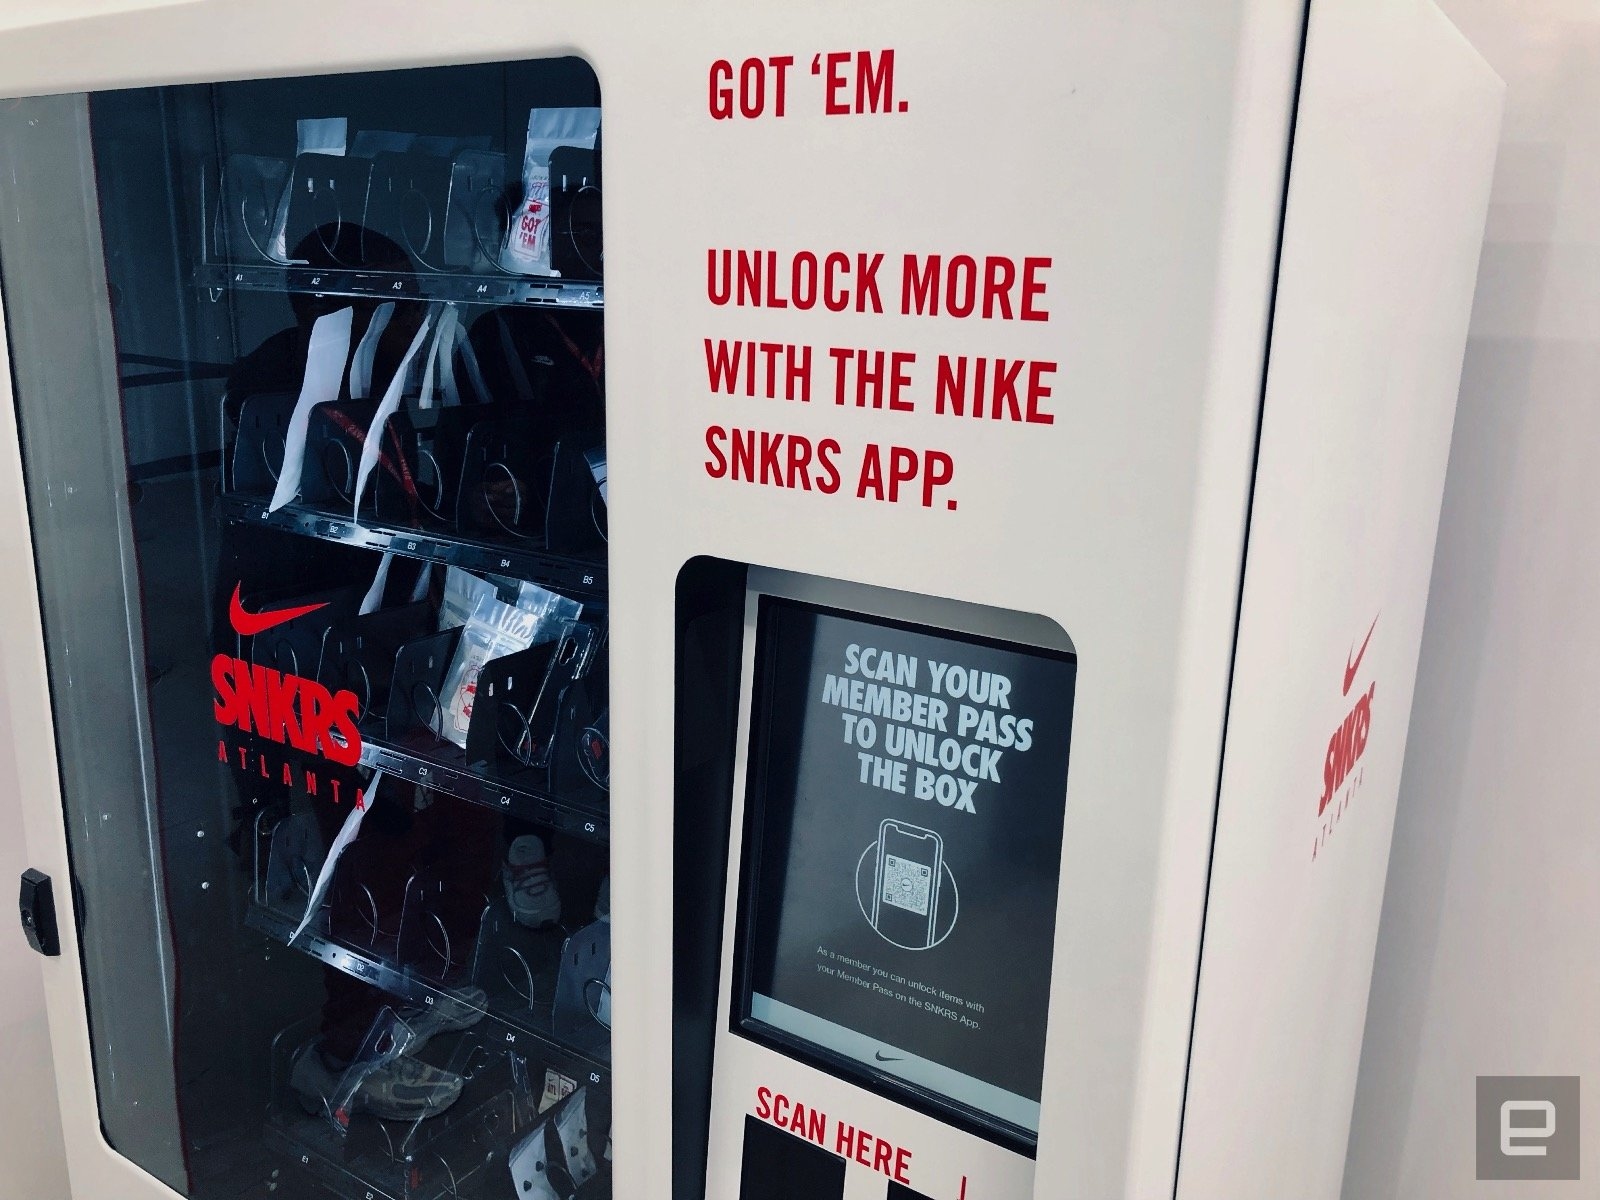 Le pop-up store SNKRS de Nike